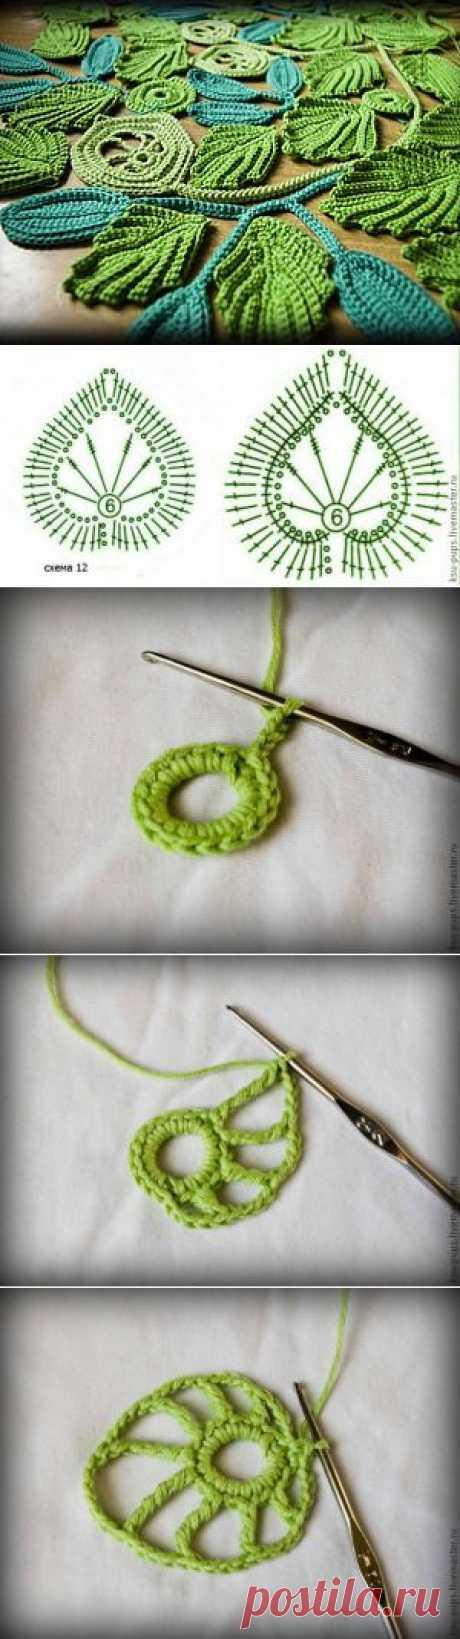 Элементы для новой работы сцепным полотном (из хлопка крючком) - Ярмарка Мастеров - ручная работа, handmade